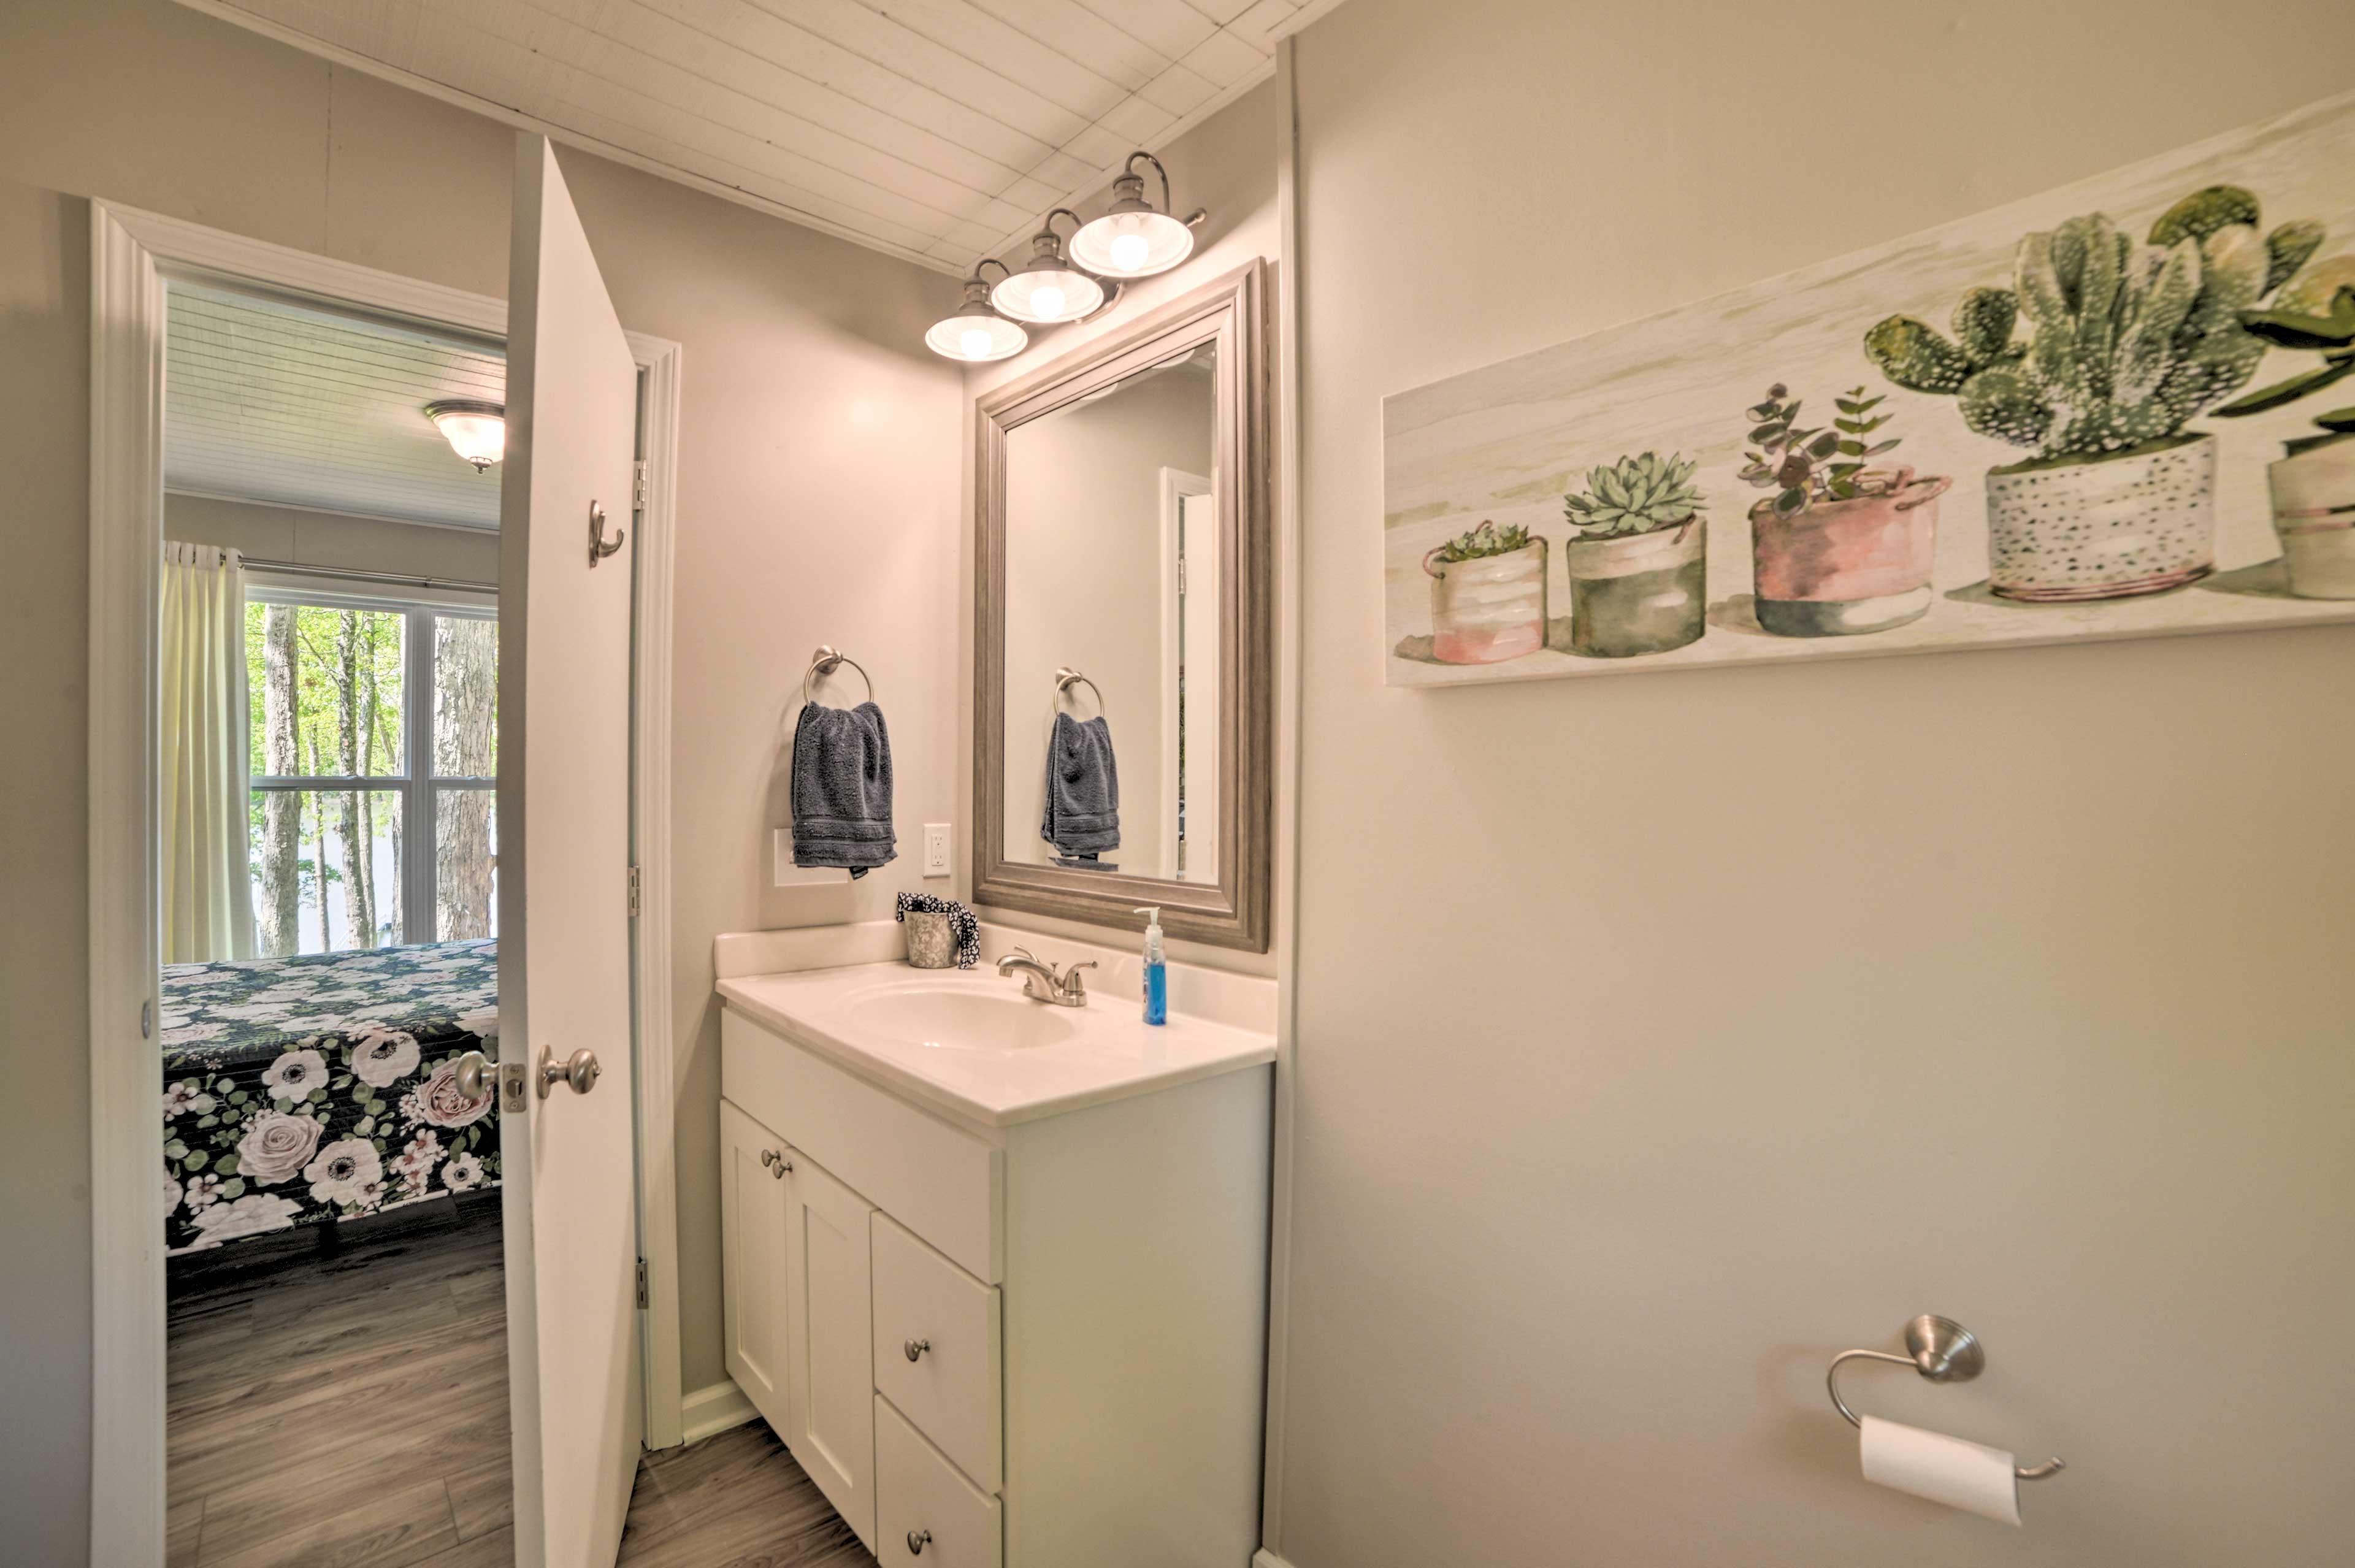 The bedroom features an en-suite bathroom.